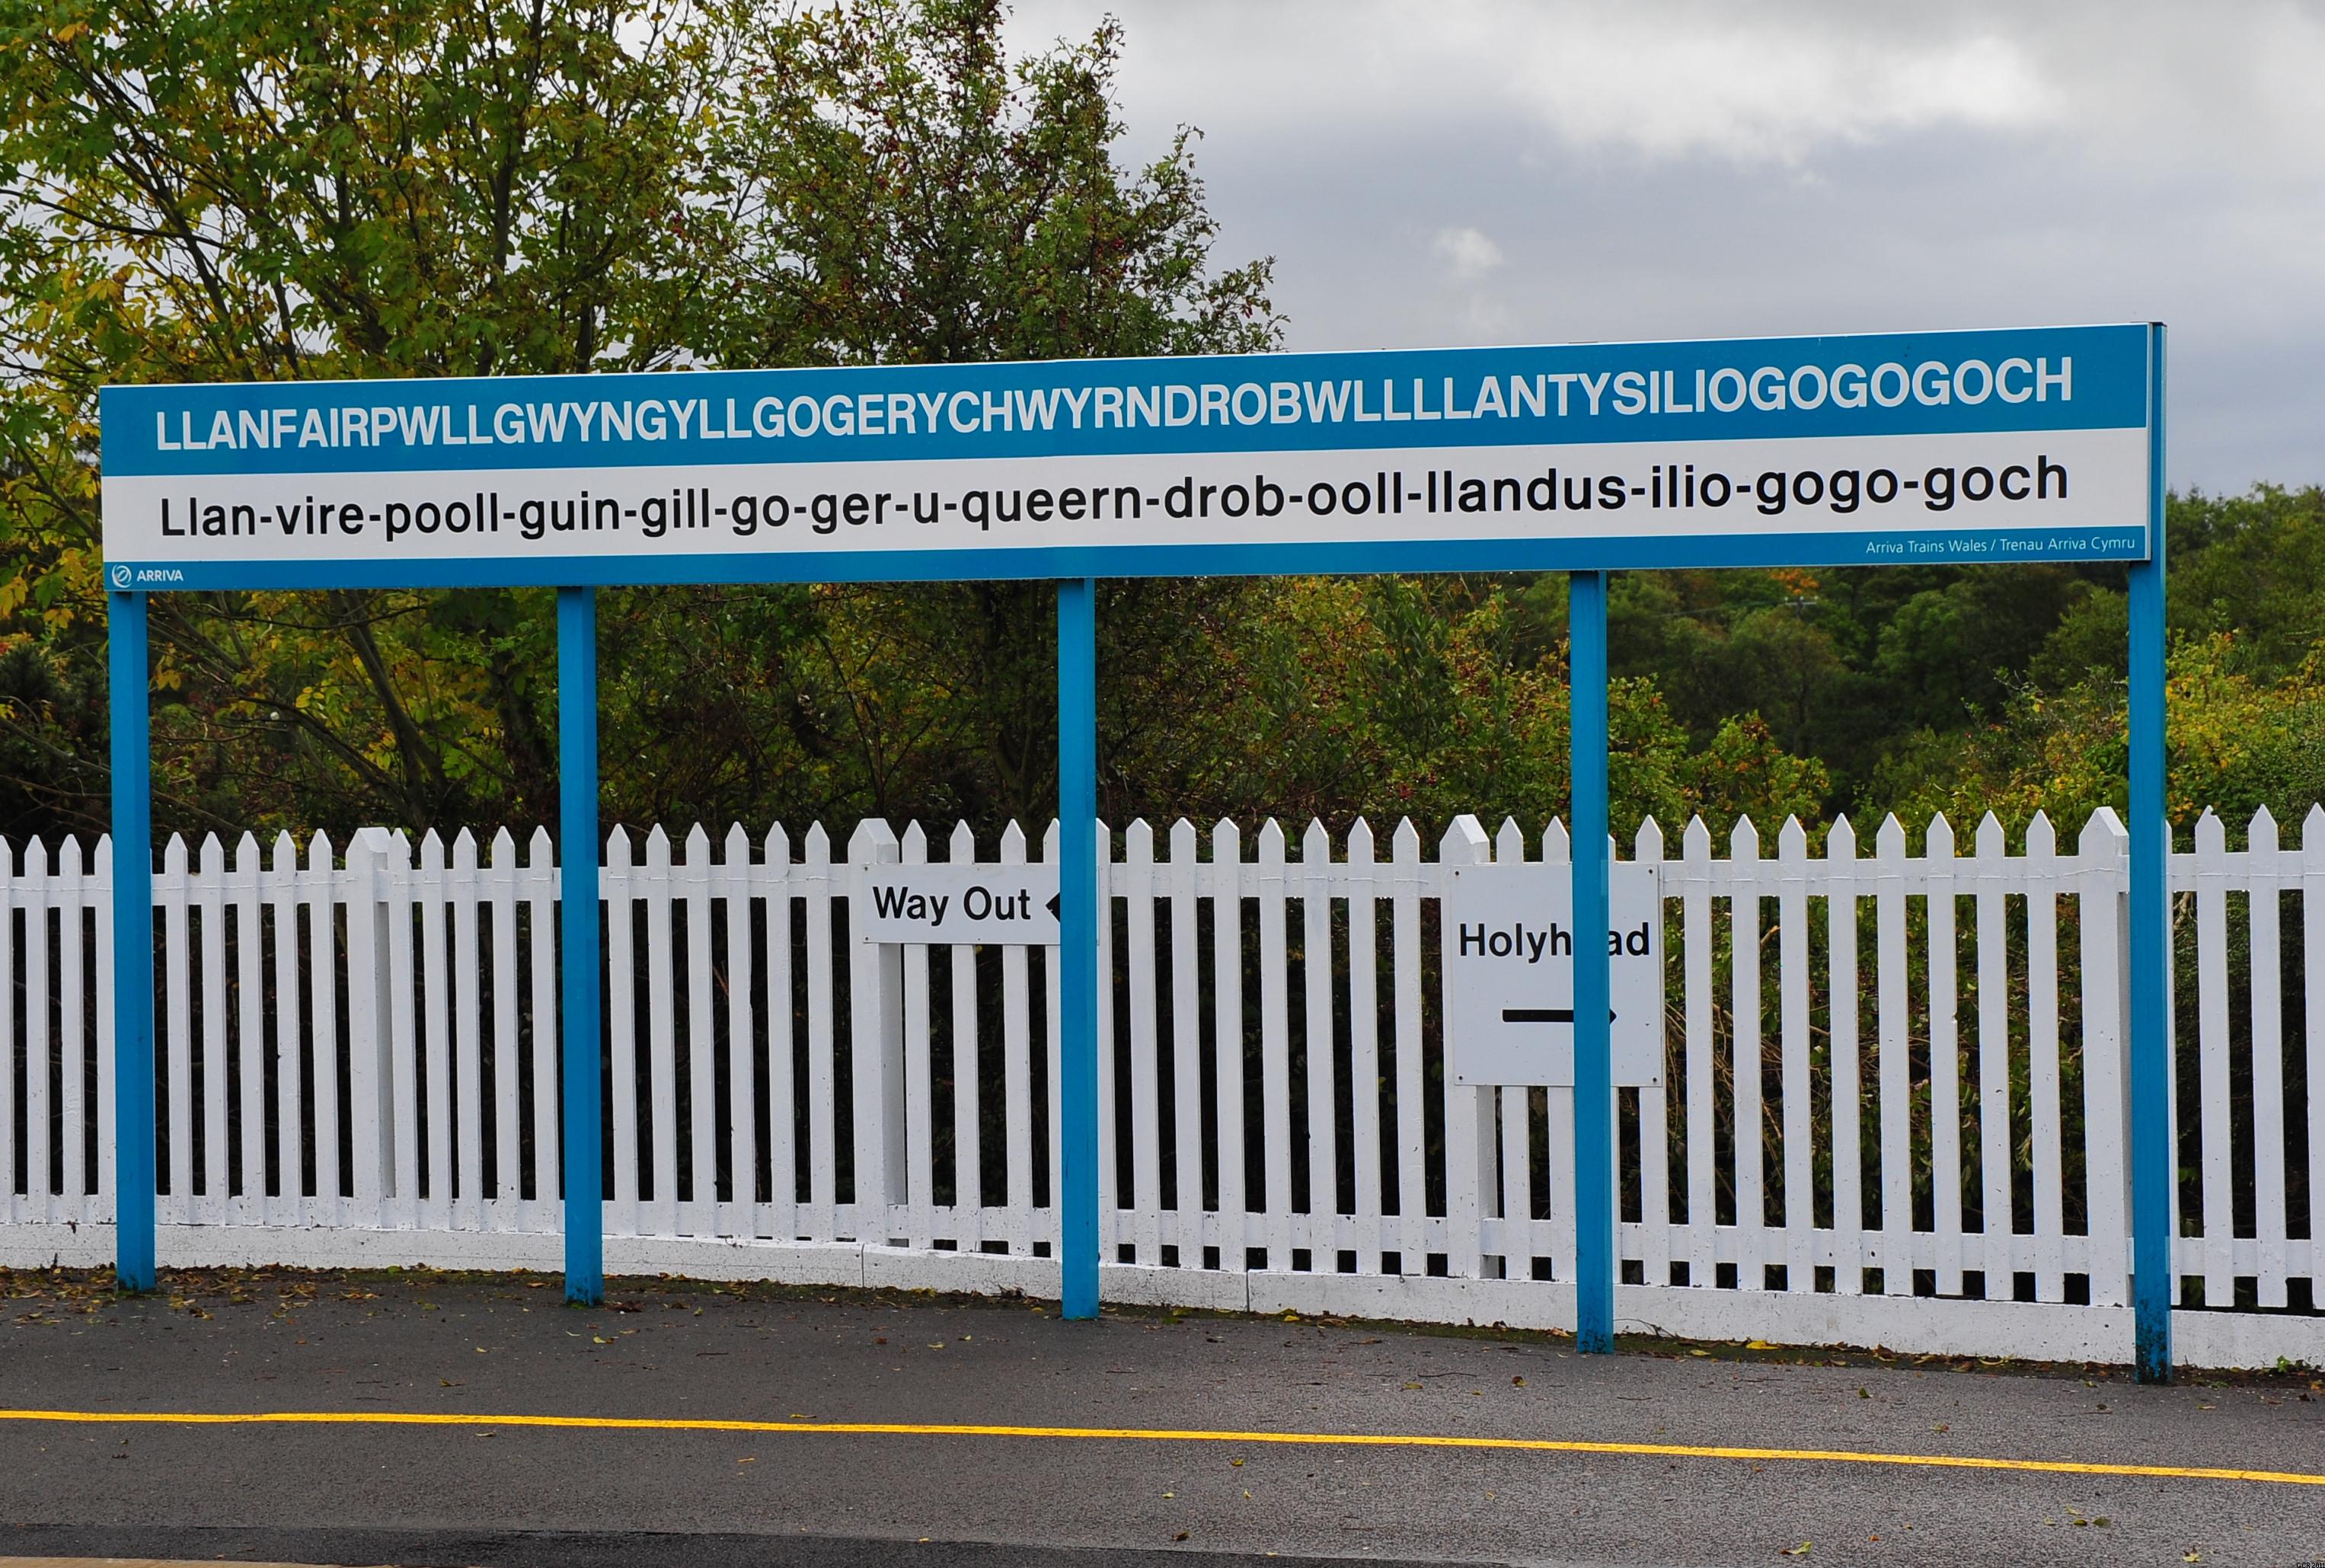 http://upload.wikimedia.org/wikipedia/commons/b/bc/Llanfairpwllgwyngyllgogerychwyrndrobwllllantysiliogogogoch-railway-station-sign-2011-09-21-GR2_1837a.JPG